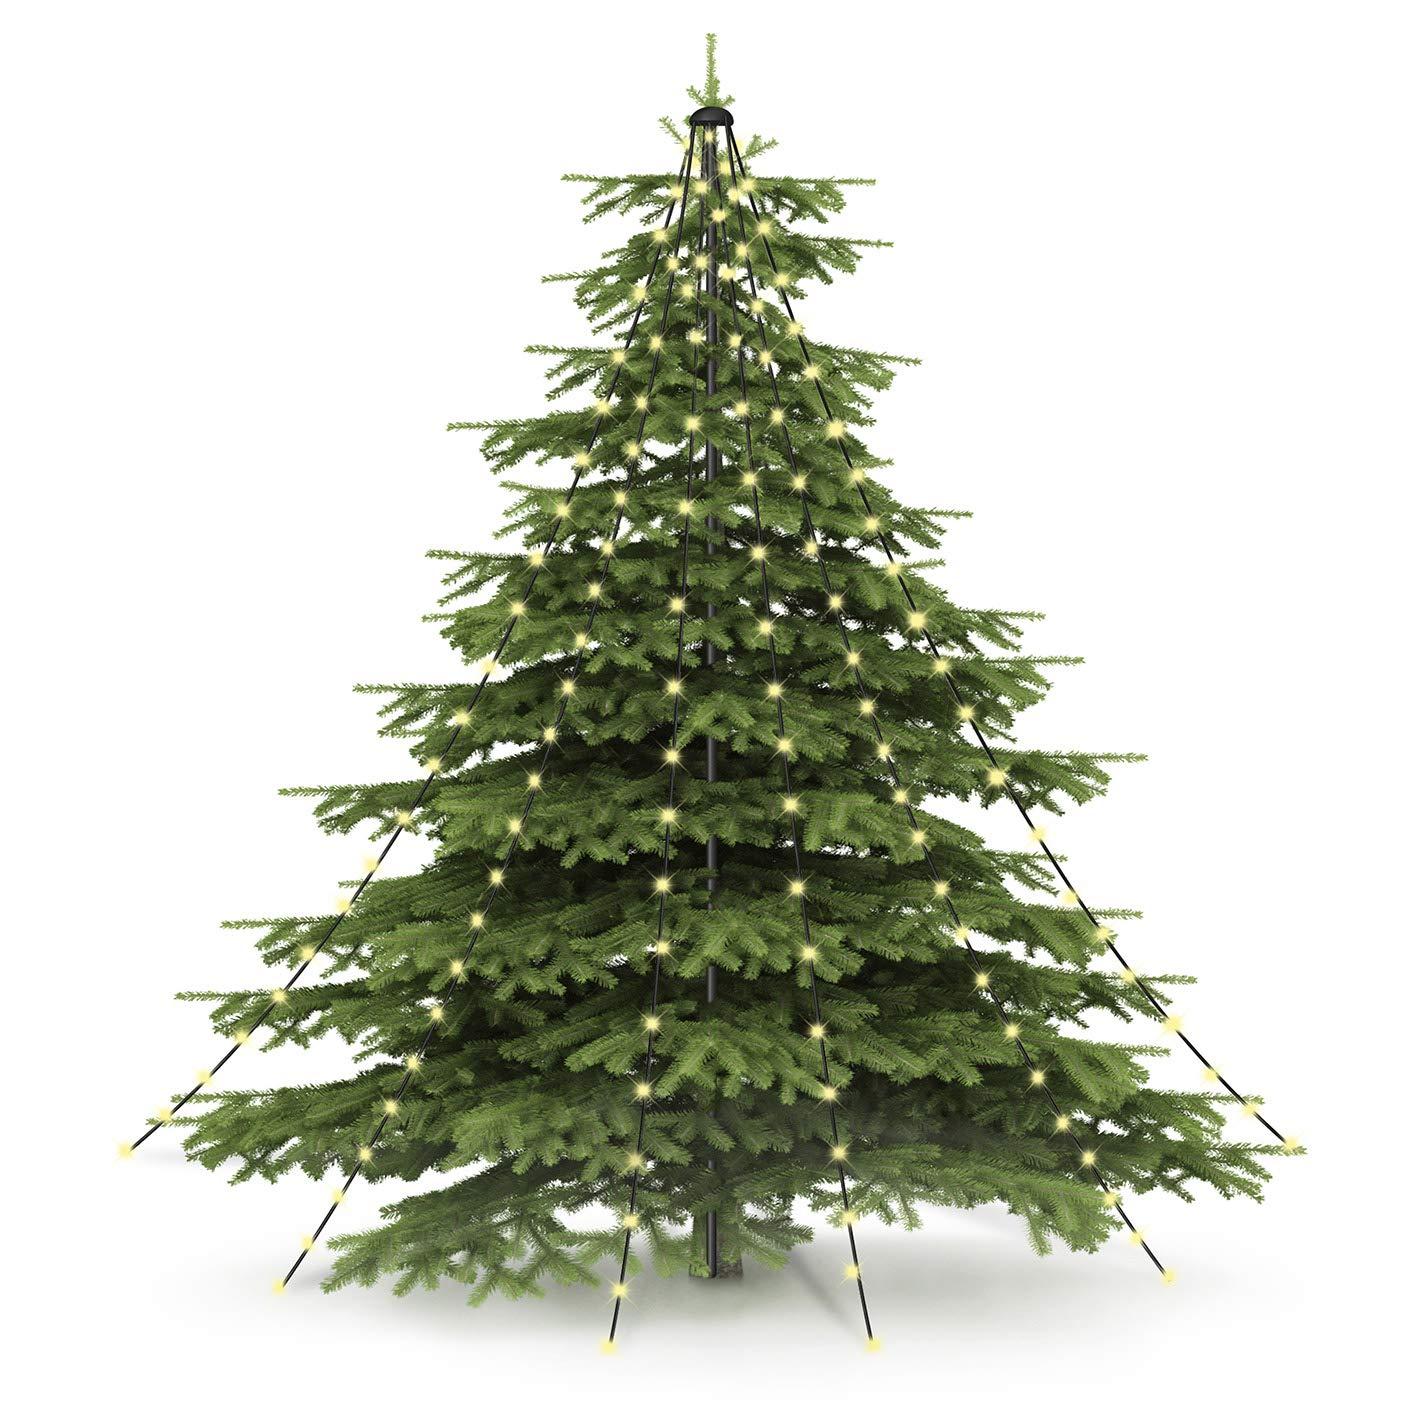 CHRISTmaxx 04273 LED-Lichter-Pyramide | Led Lichterkette für Tannenbaum/Weihnachtsbaum, Fahnenmast oder freistehend | 2 Meter, Indoor & Outdoor, spritzwassergeschützt nach IP44, grün grün DS-Produkte